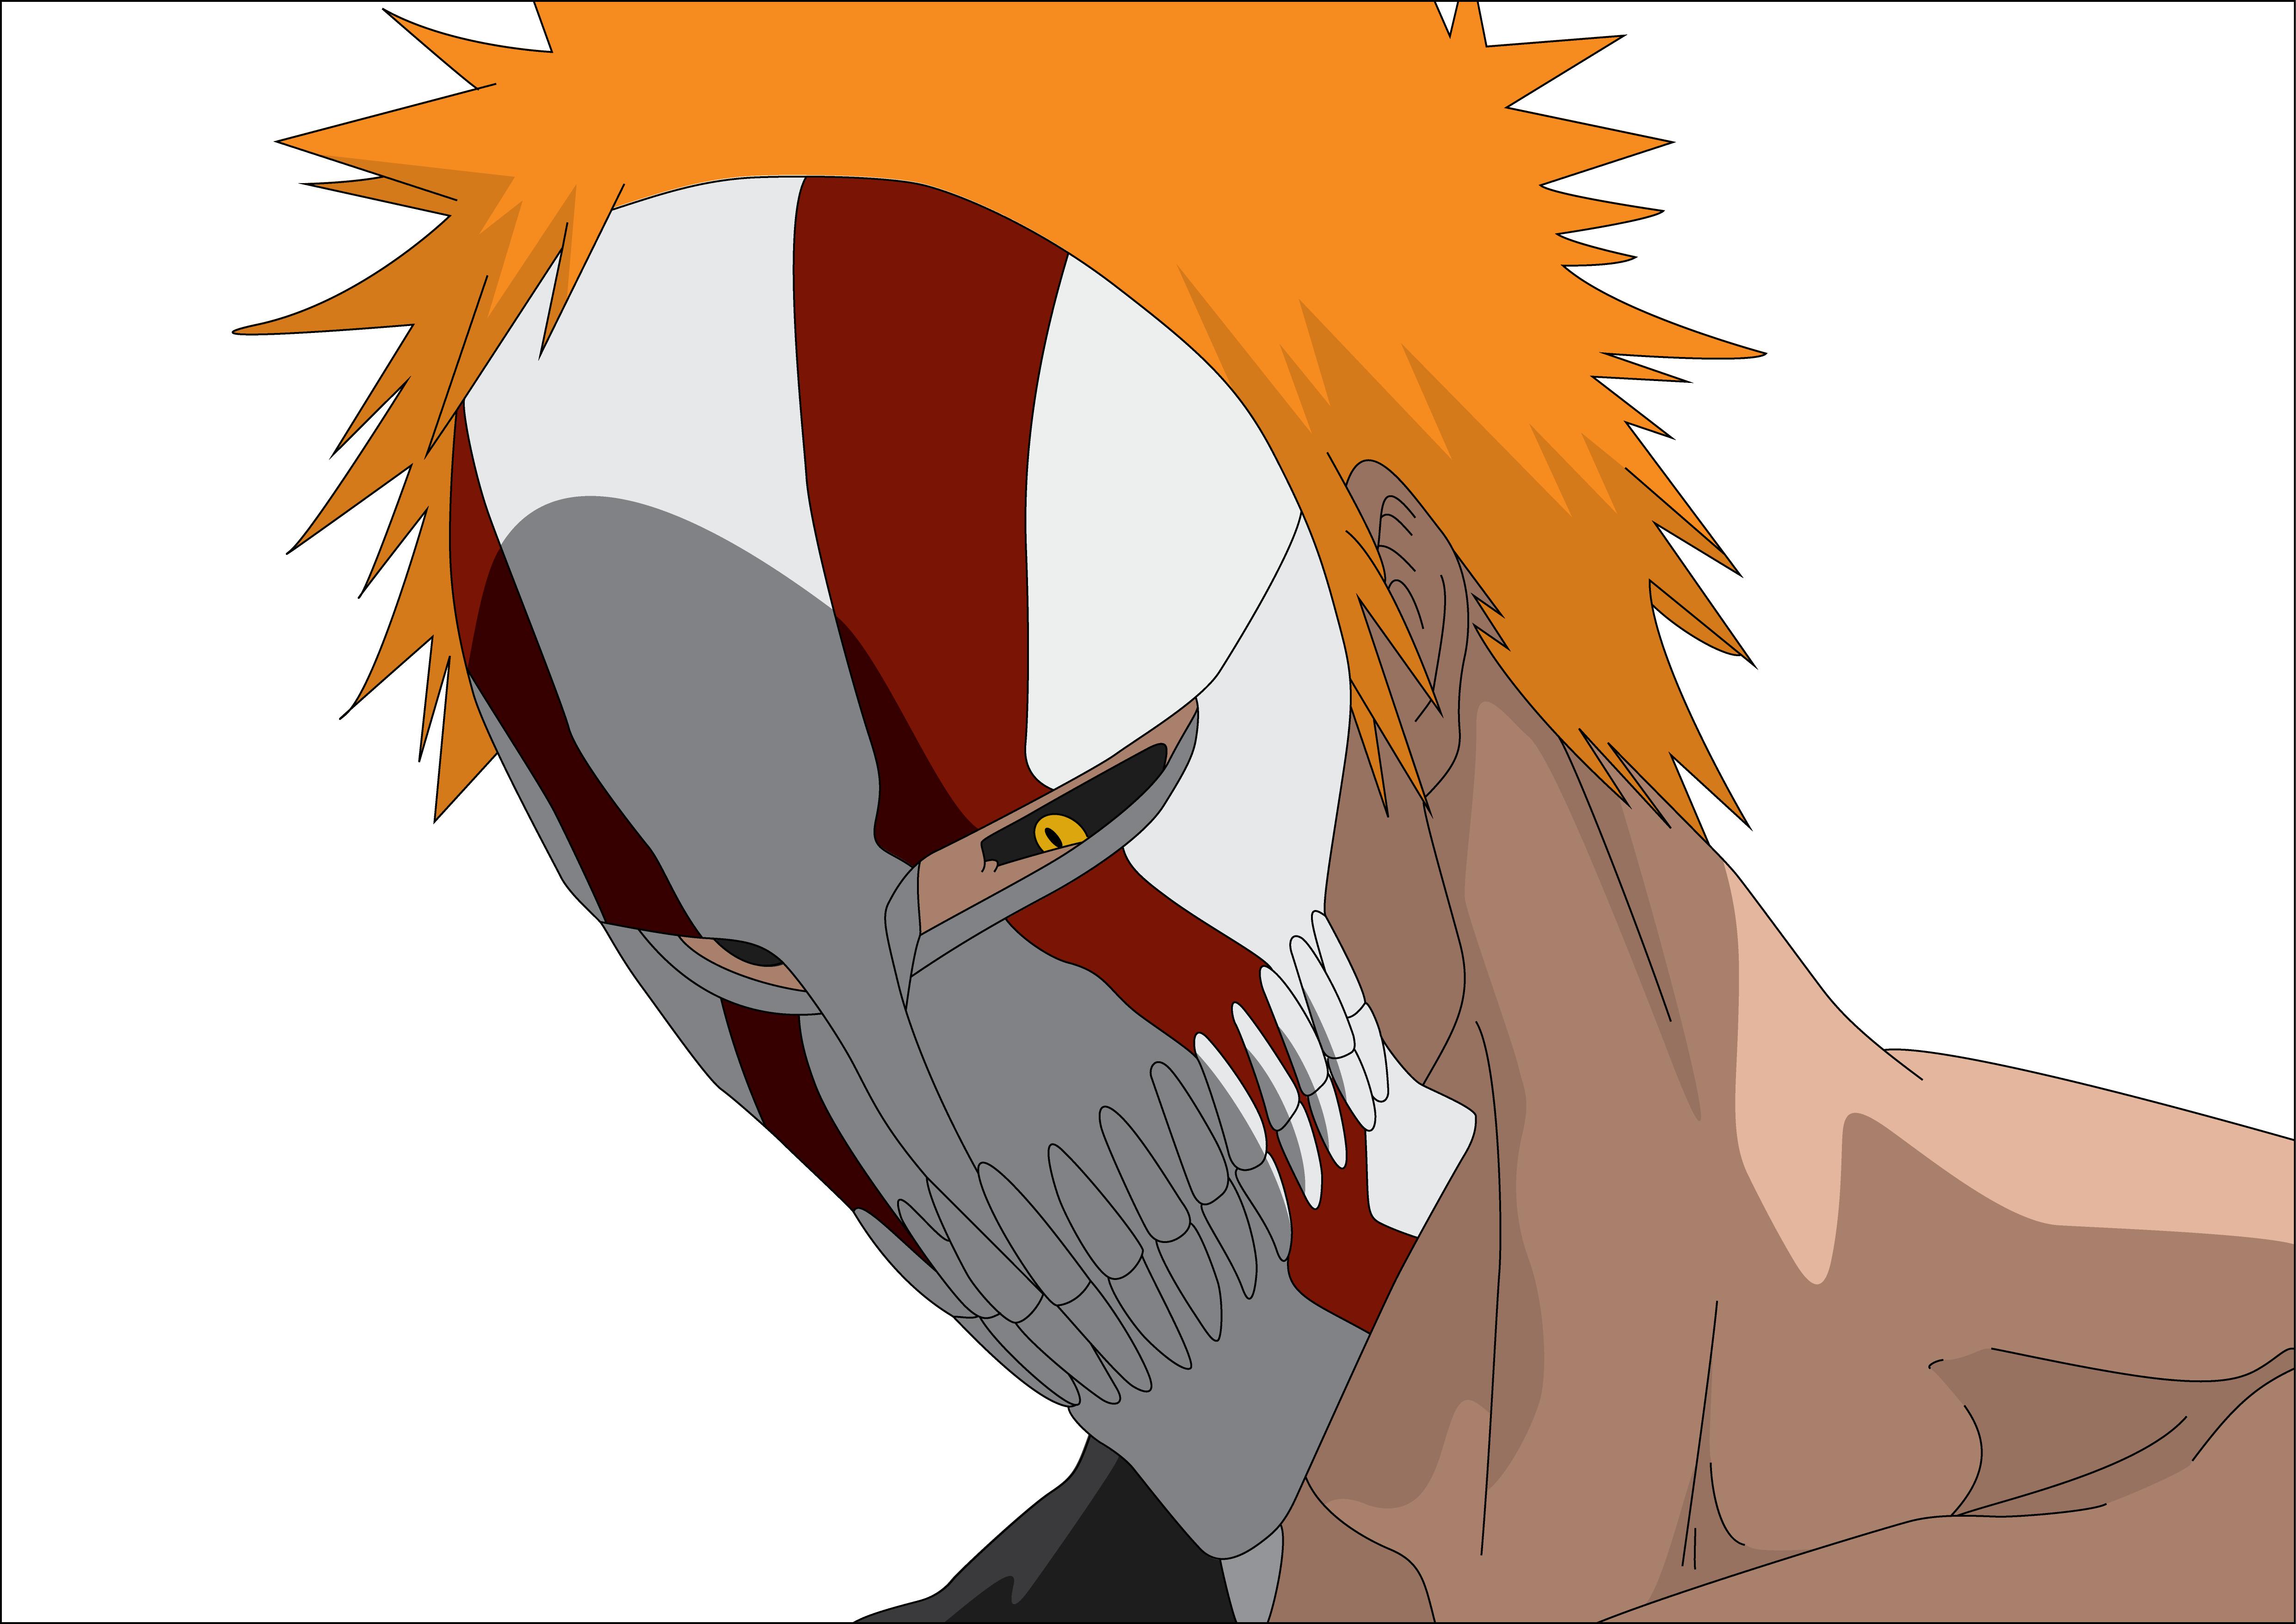 Ichigo hollow mask by havoc3001 on deviantart - Ichigo vizard mask ...